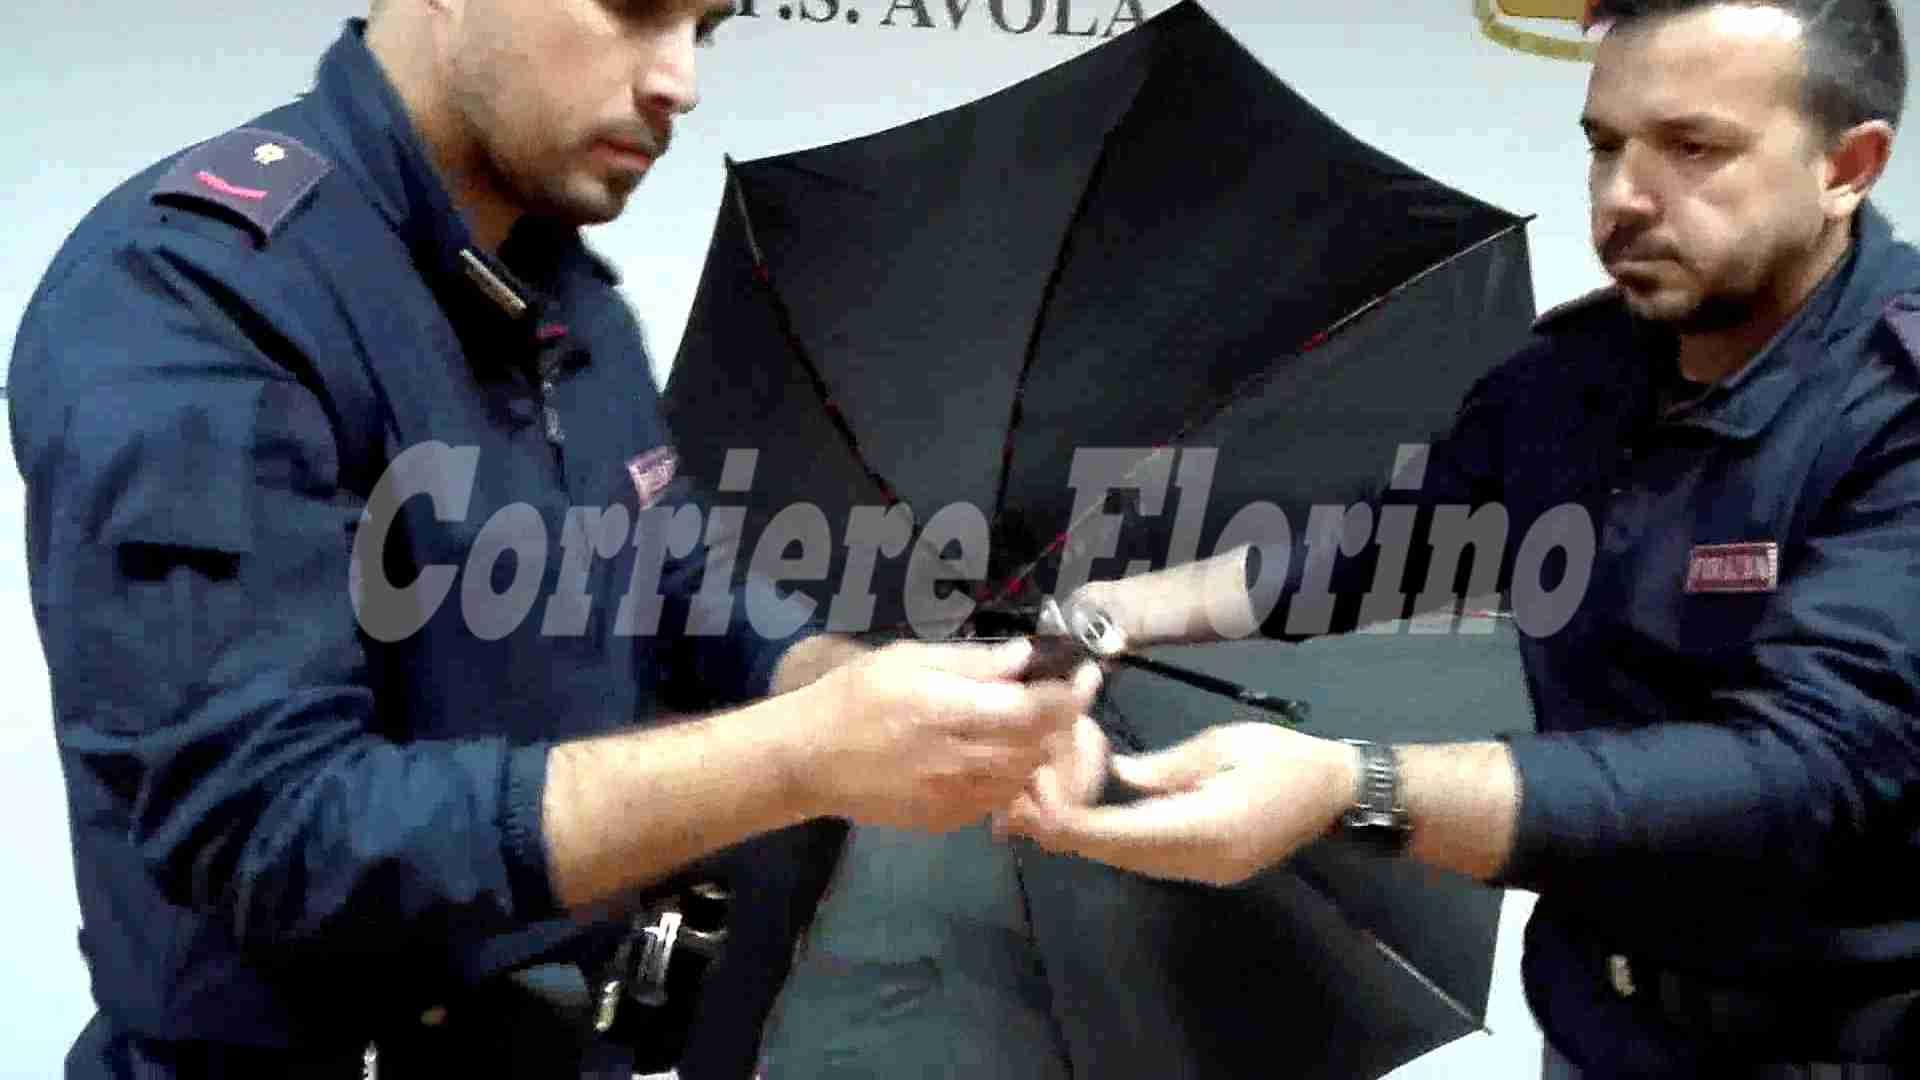 Avola, fabbricava armi clandestine tra cui un ombrello-fucile. Arrestato dalla Polizia